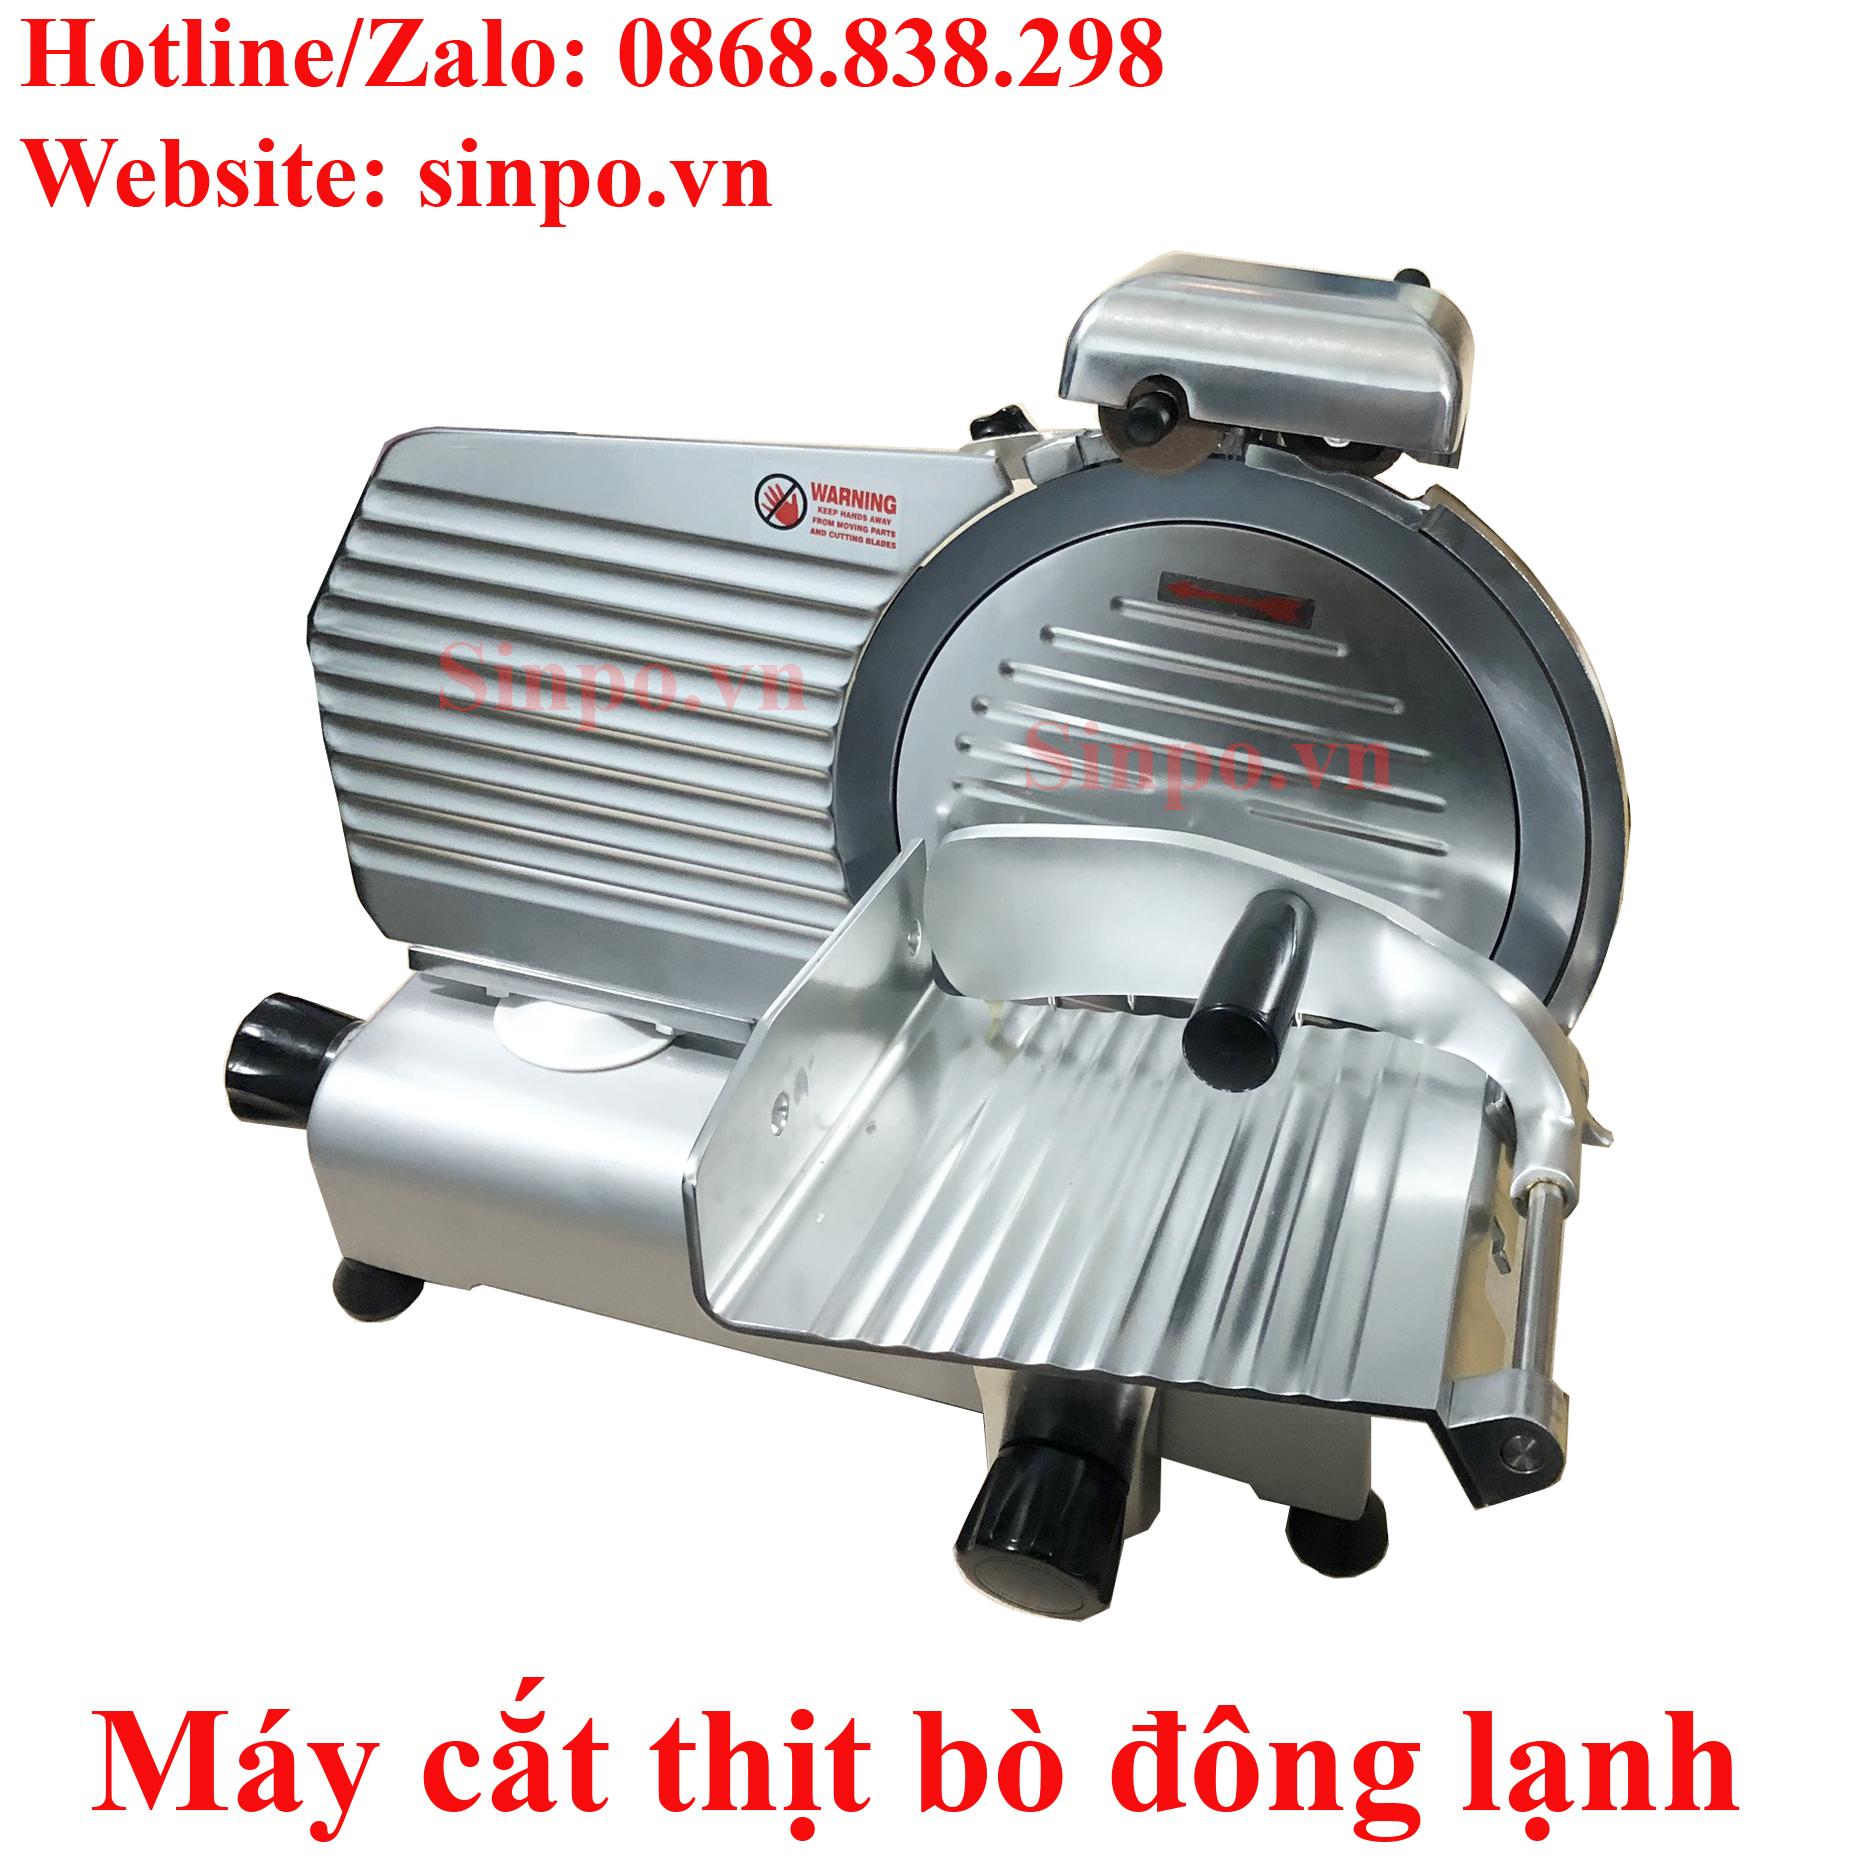 Máy cắt thịt heo đông lạnh